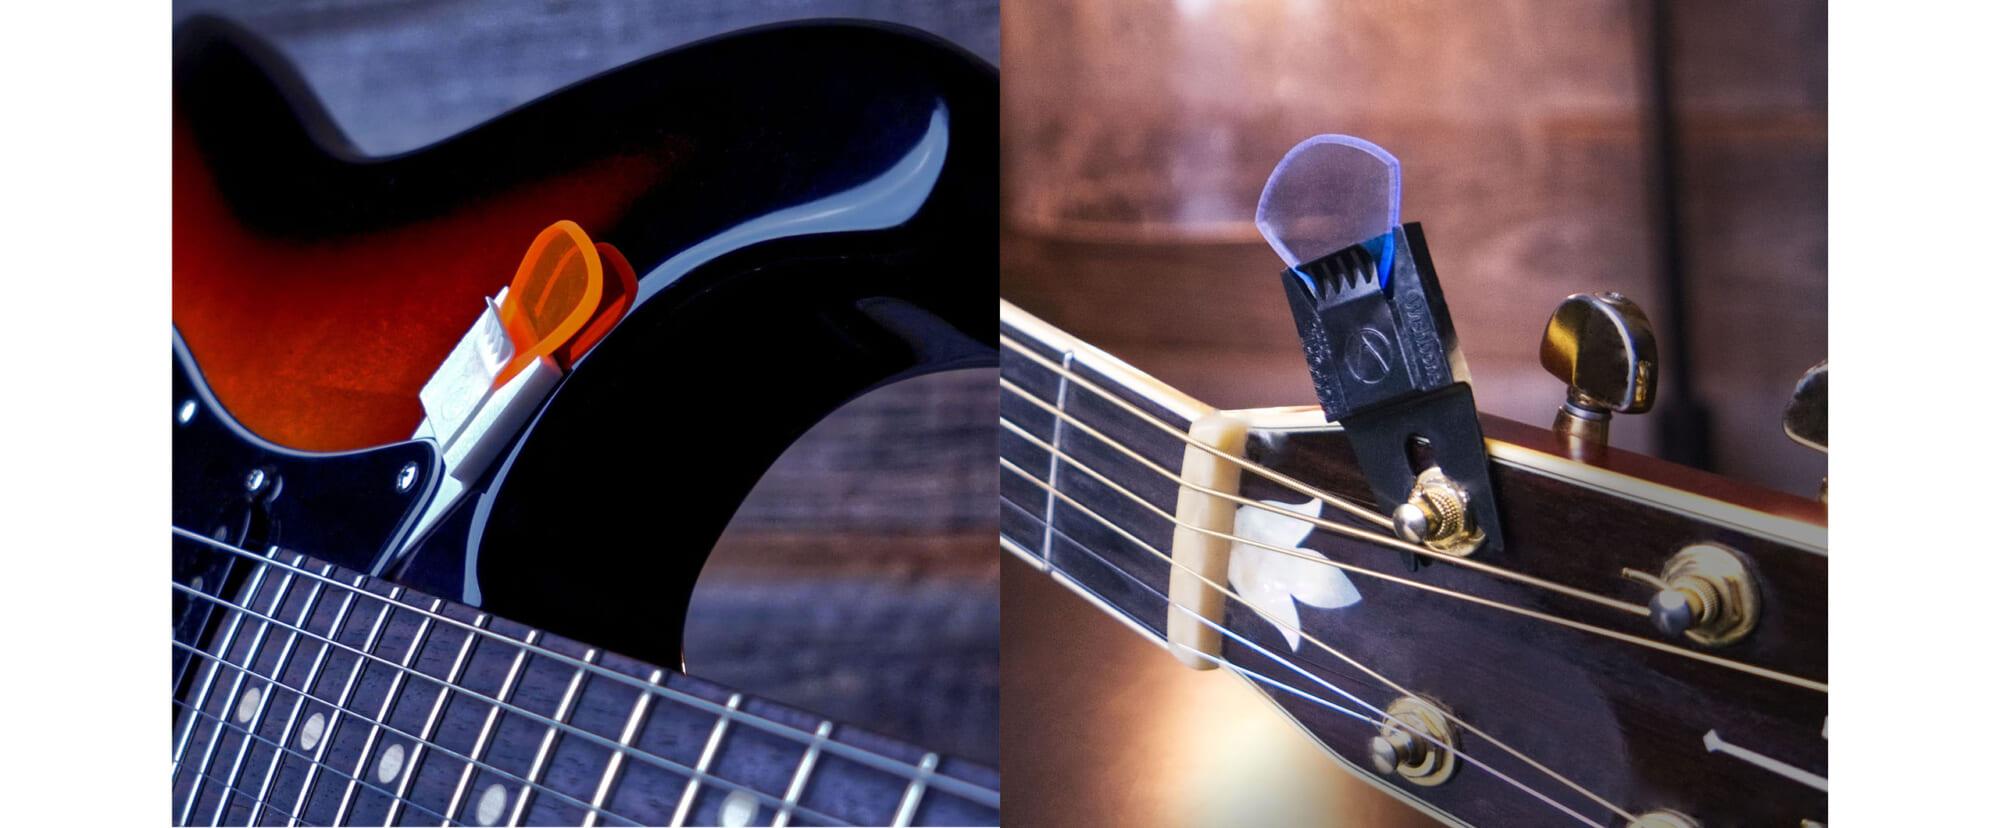 ギターのペグ、ノブ、ジャックなどに取り付けられる便利なピック・ホルダー